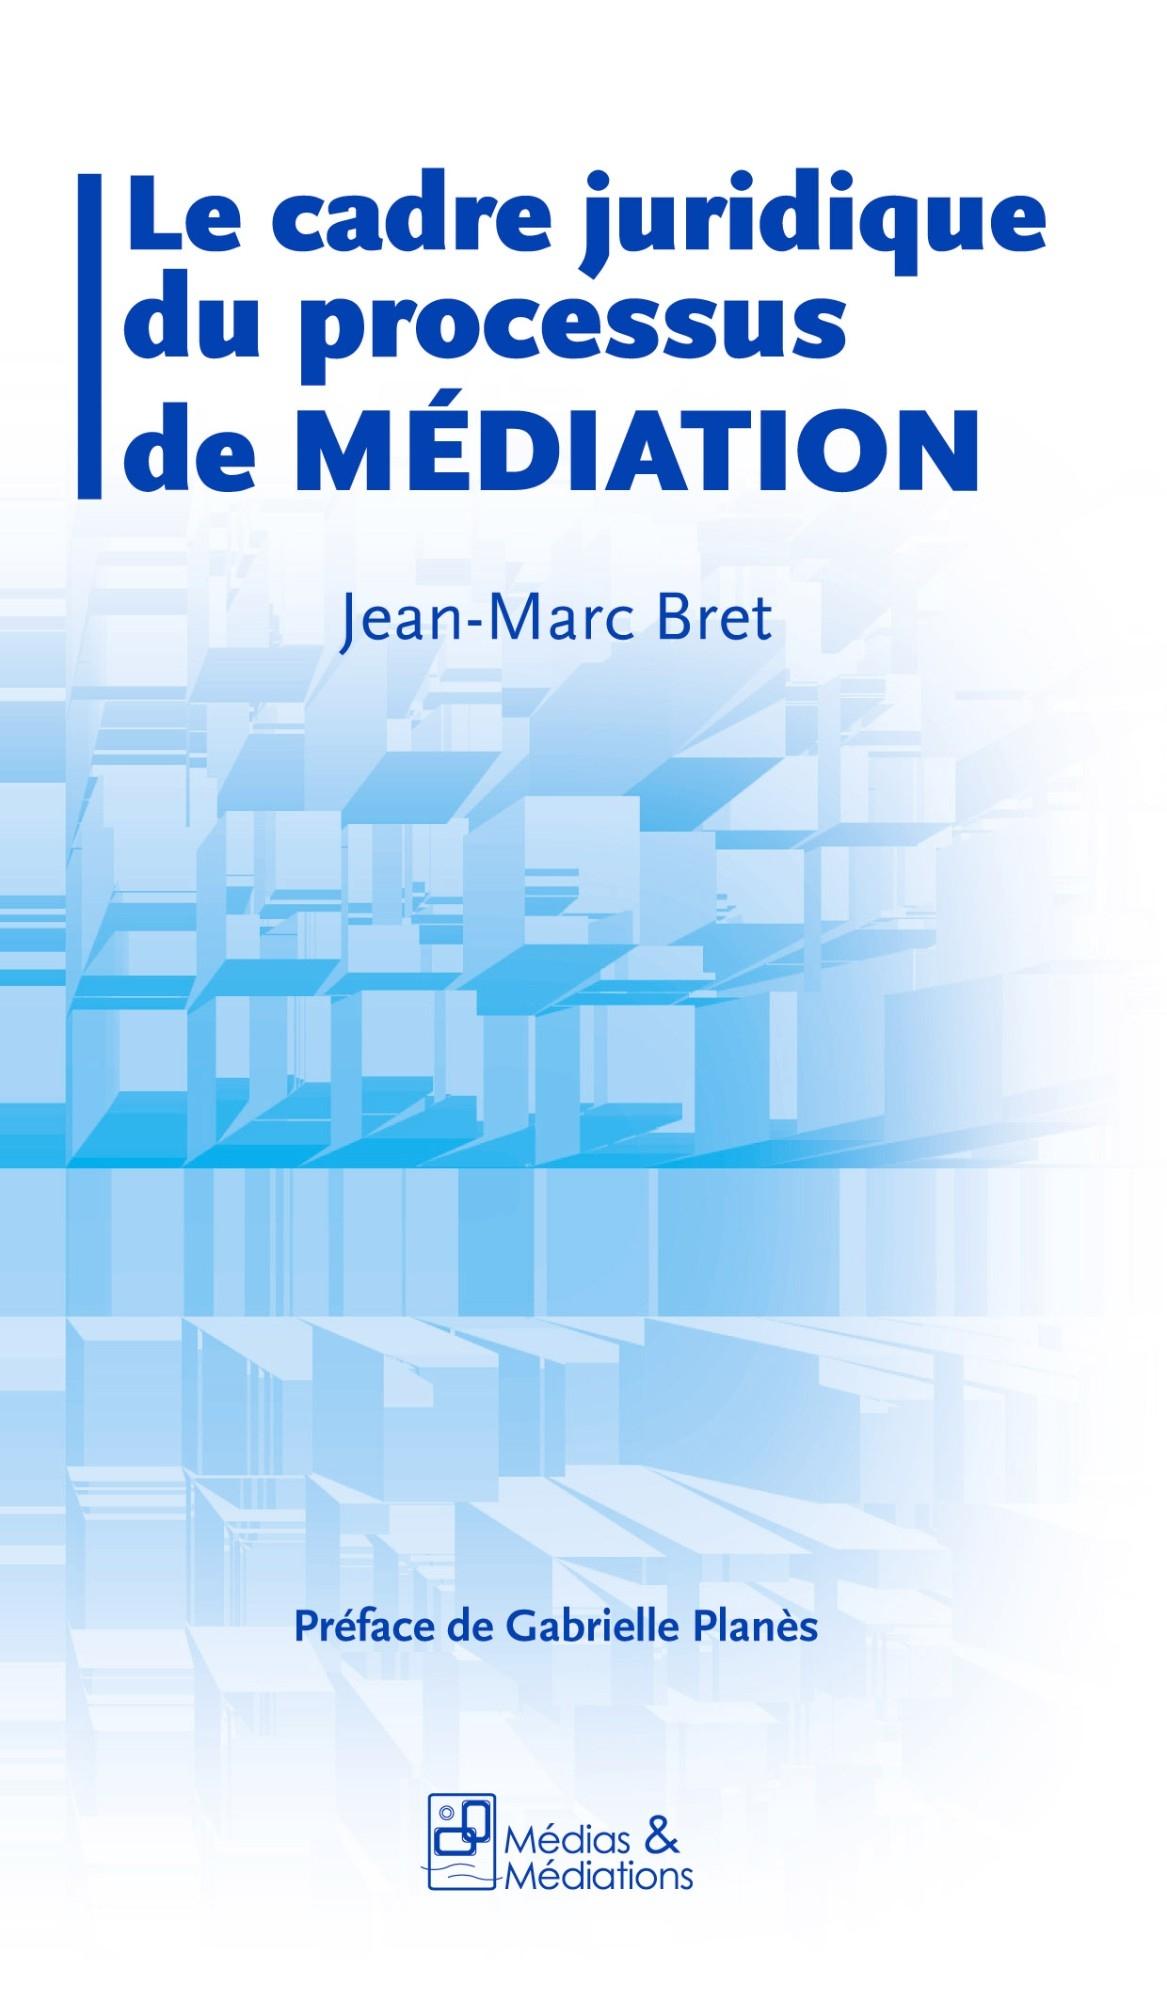 La médiation est elle obligatoire à Lyon, si oui quels sont les risques?